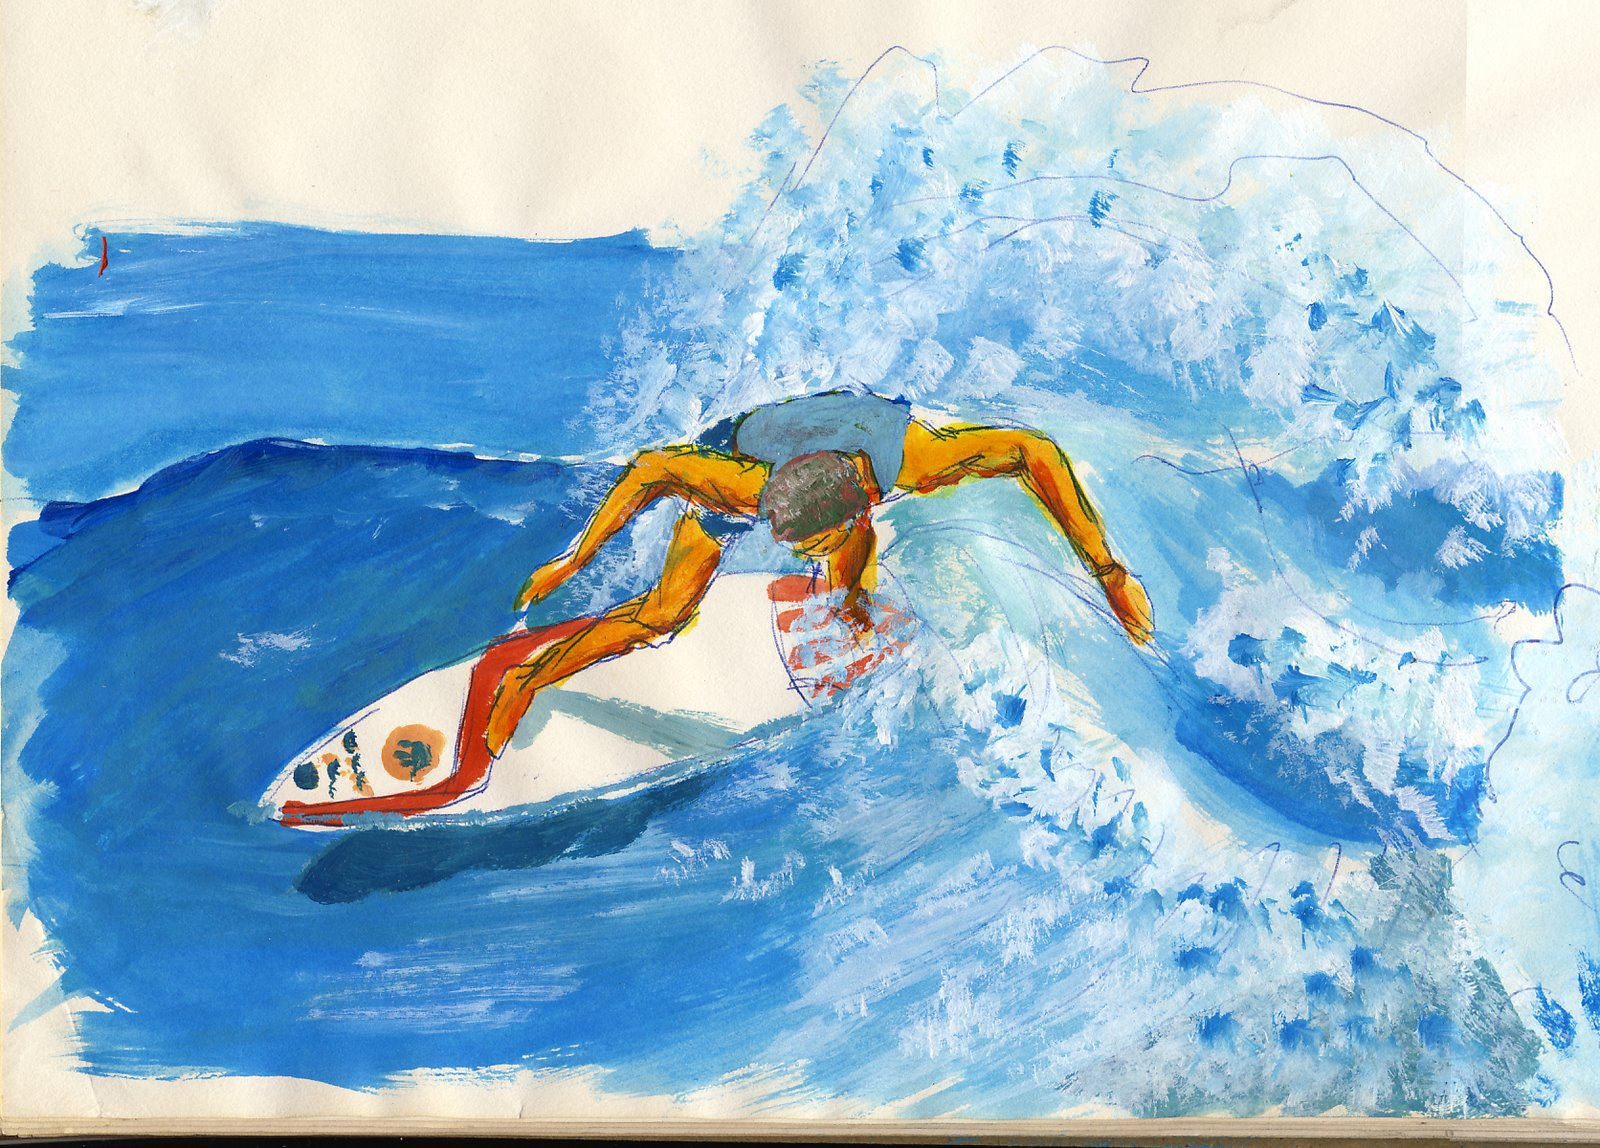 Body Surfing Birthday Cake